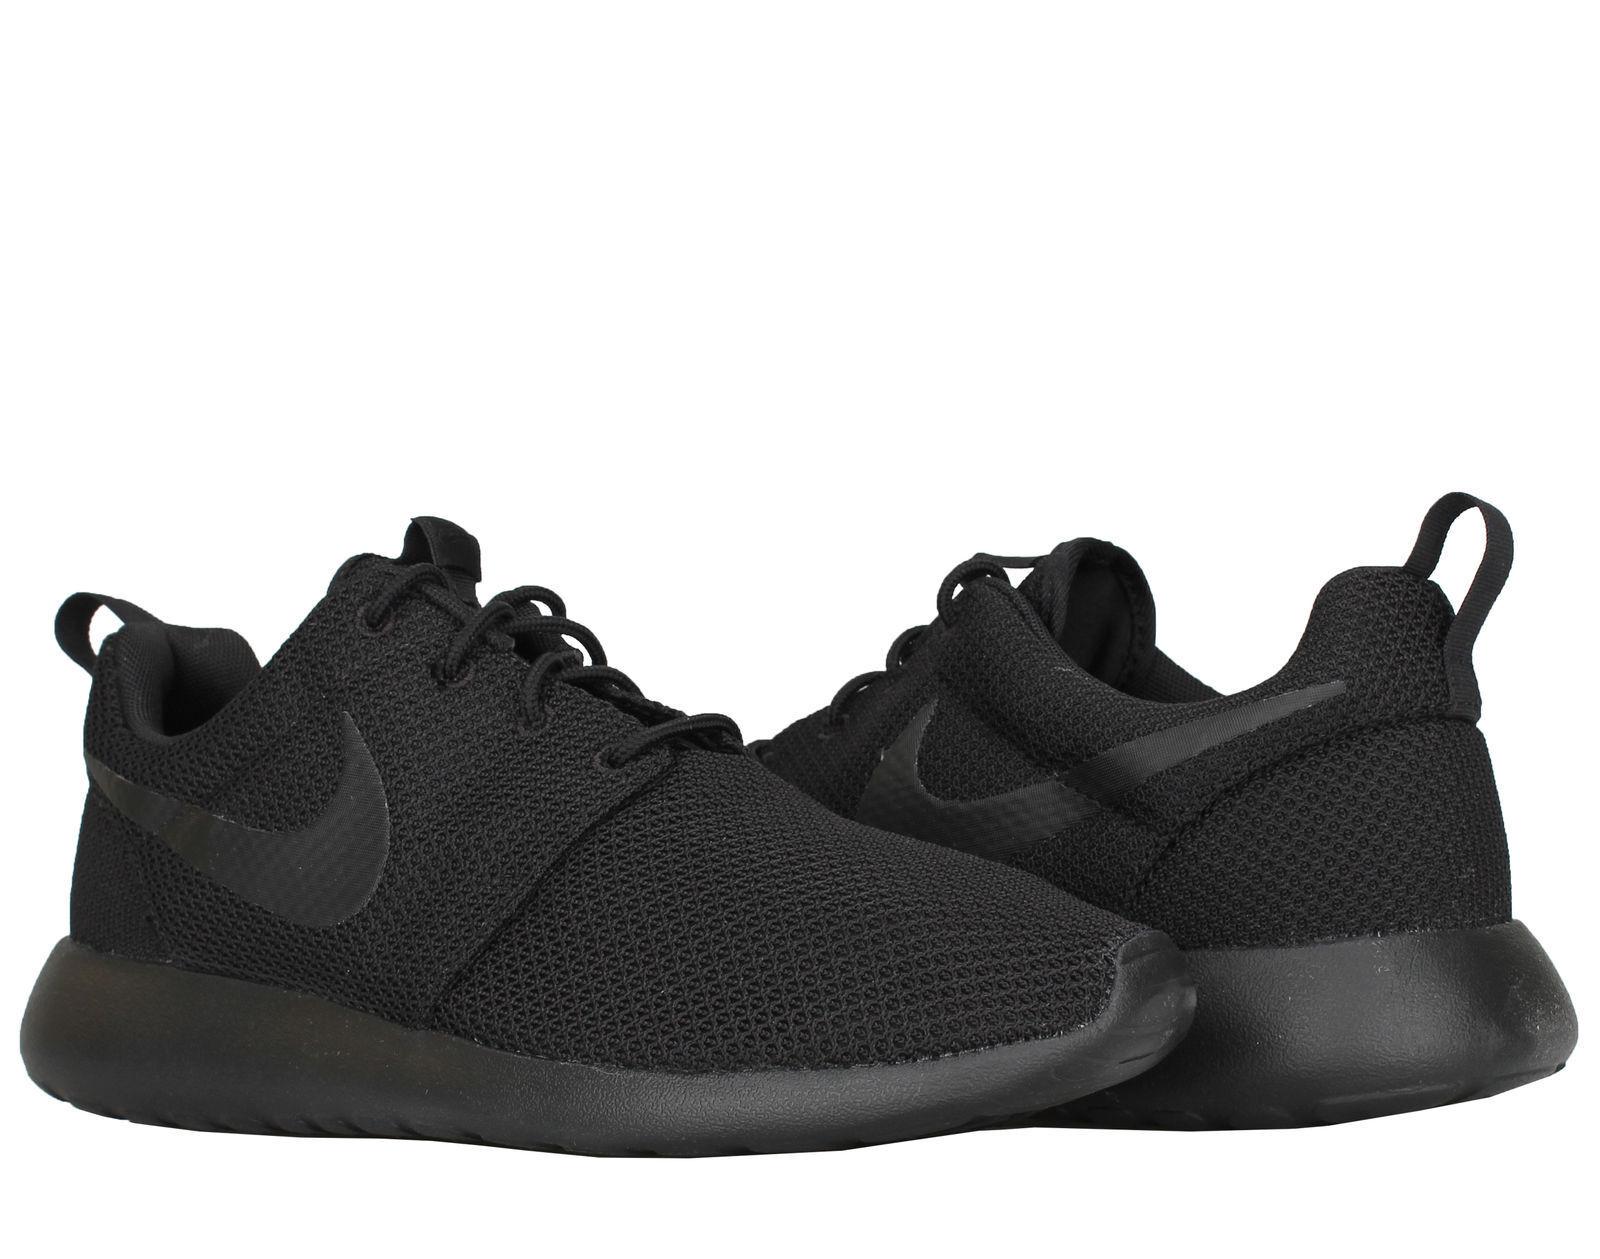 Los hombres de Nike - Roshe uno running comodo zapatos Negro / negro comodo running e88cea